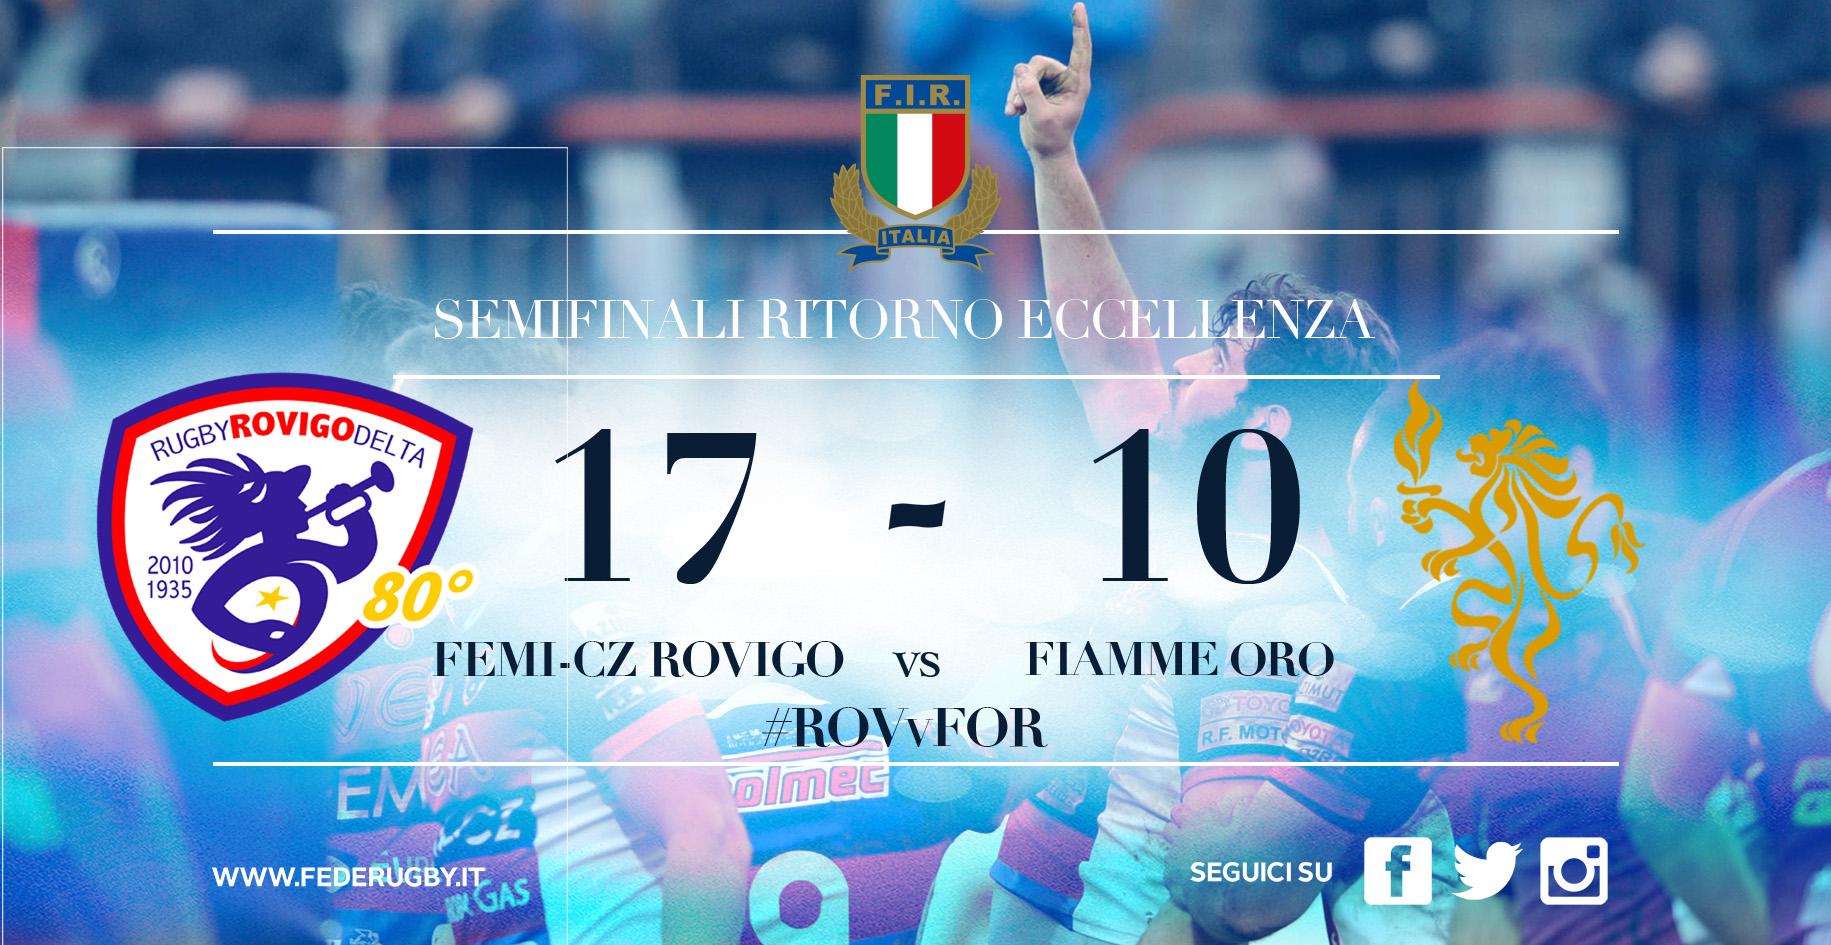 Semifinale ROVvFORM postgara